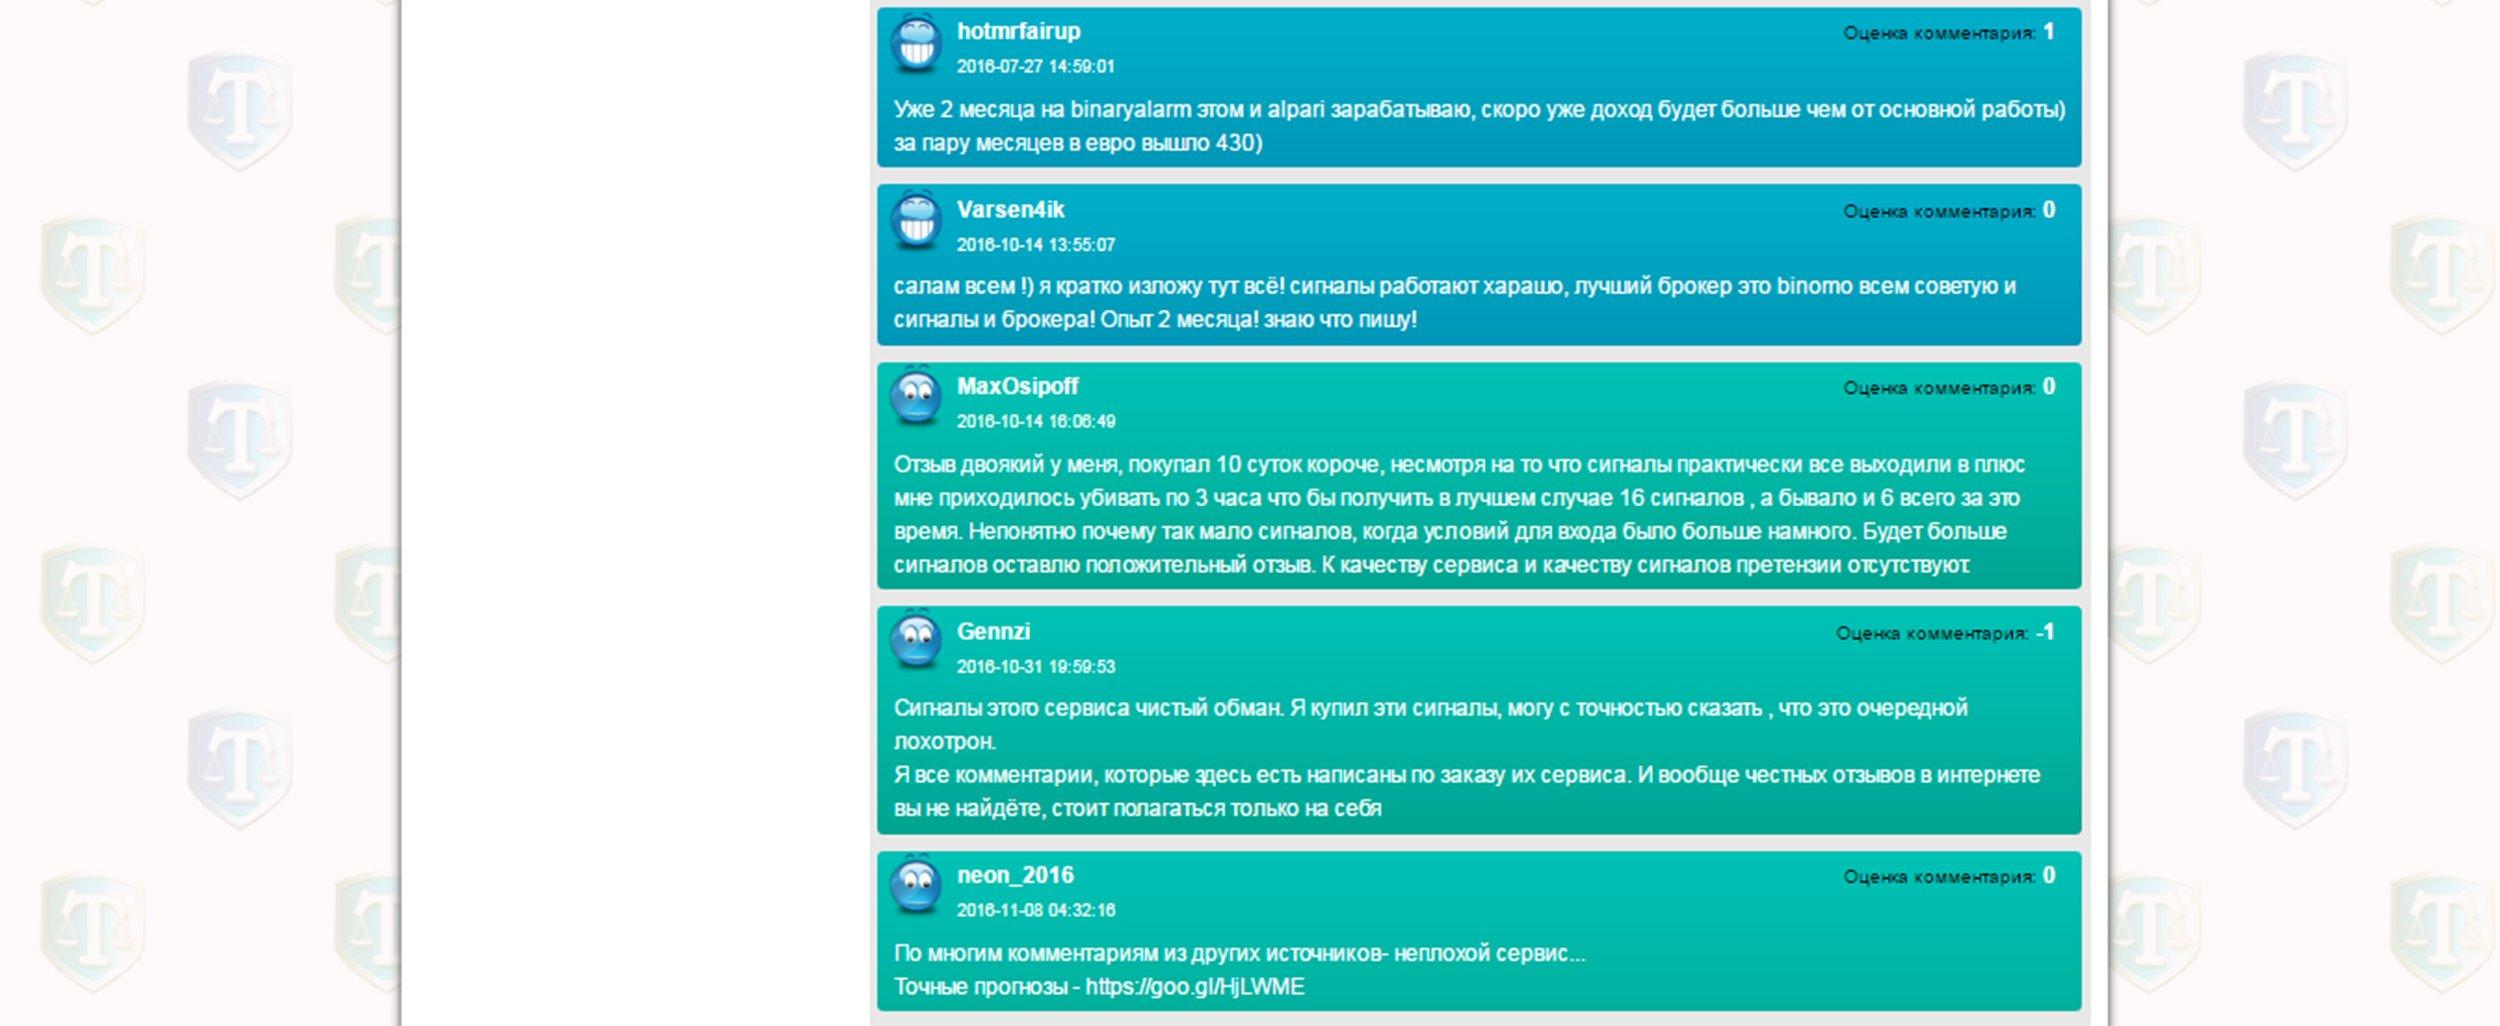 Сигналы для бинарных опционов бесплатно без регистрации в режиме онлайн